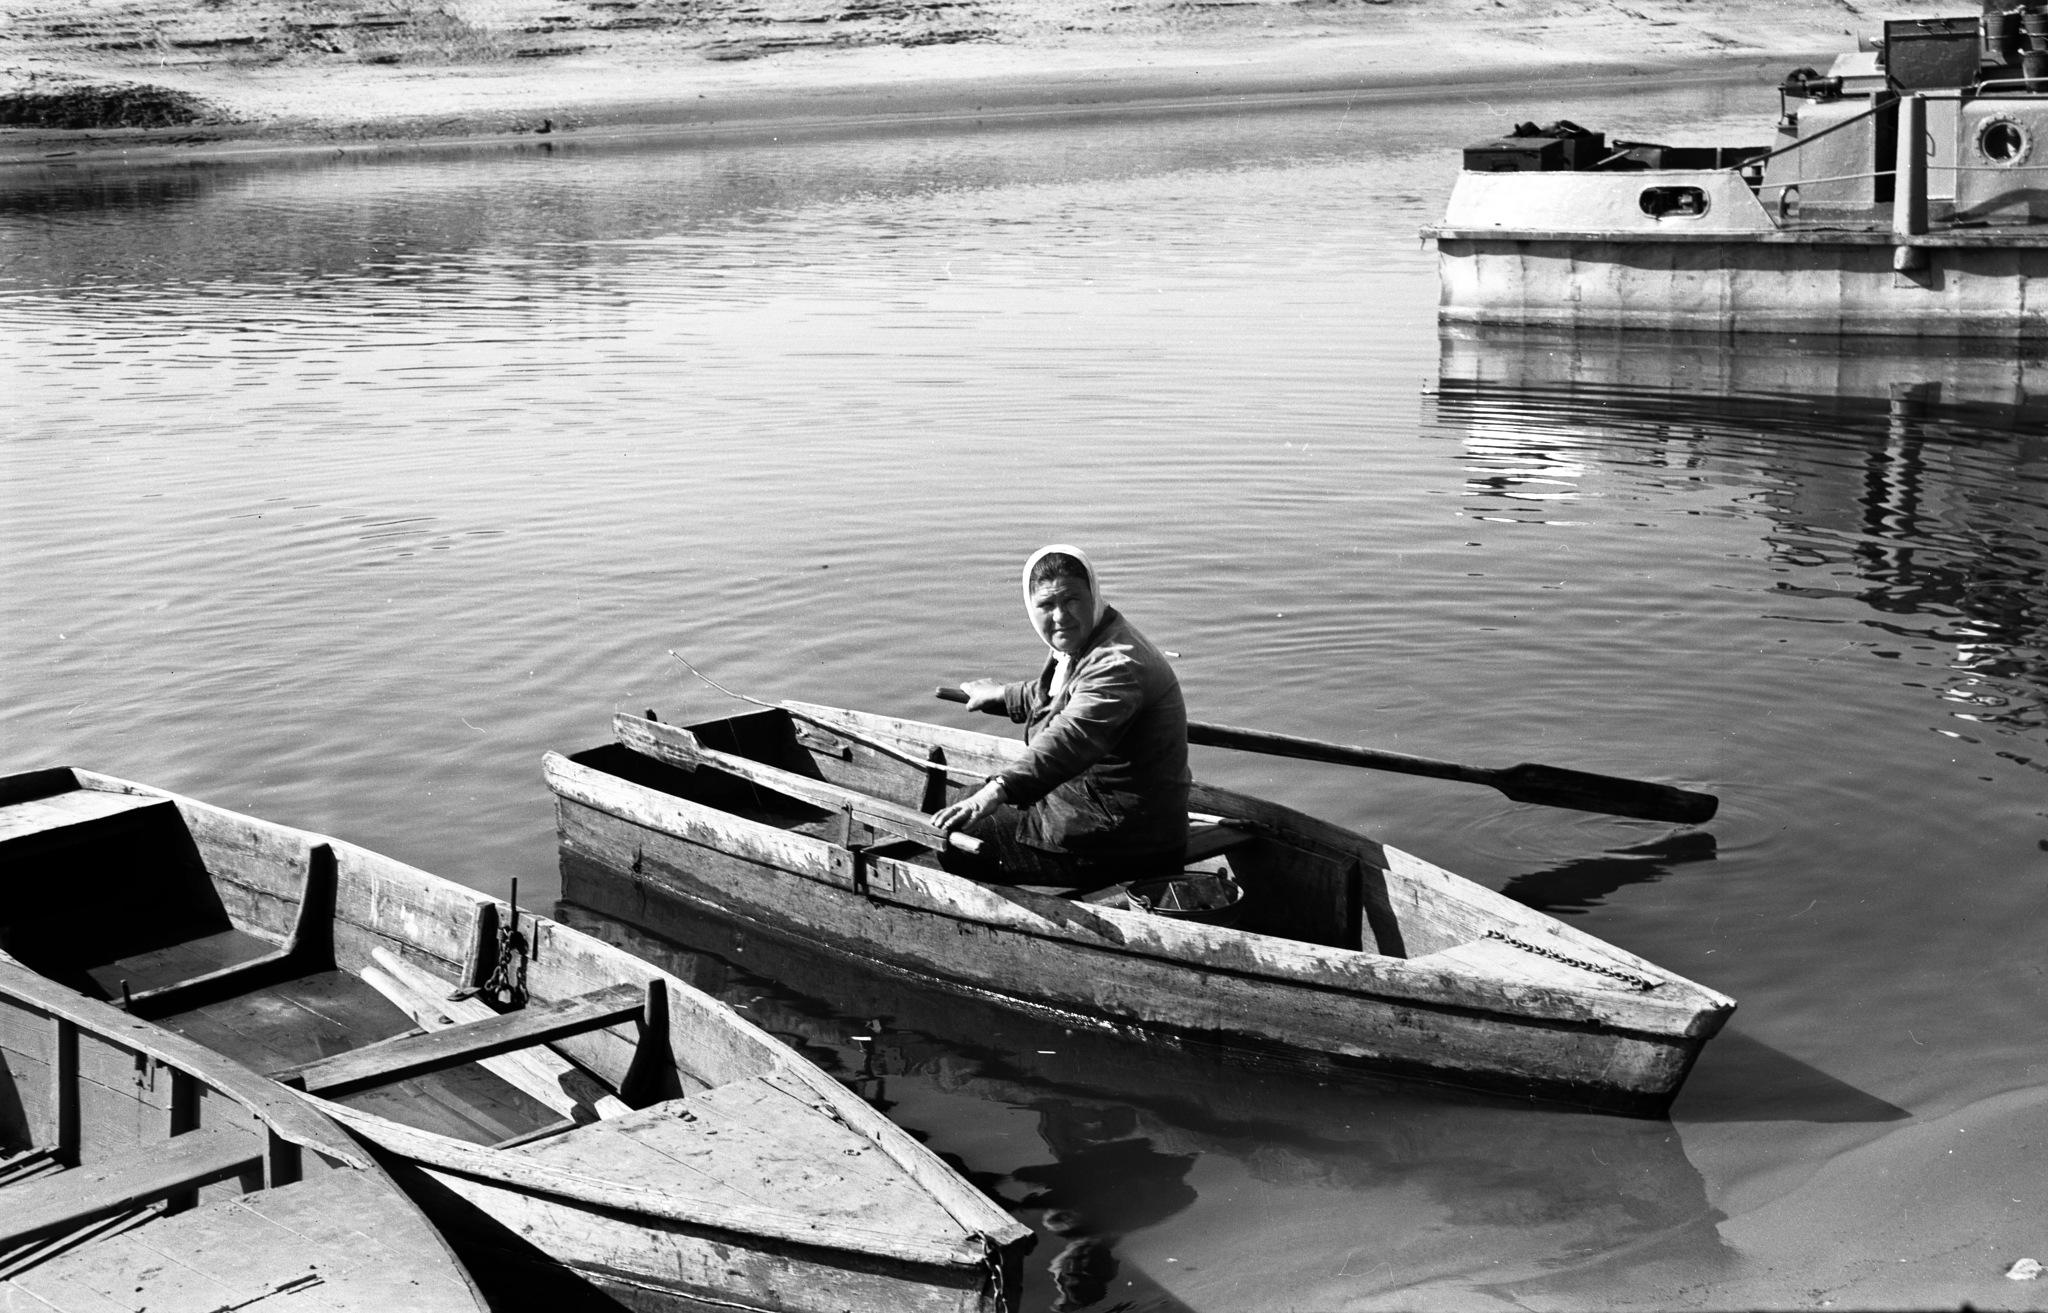 Fishing by Сергей Юрьев